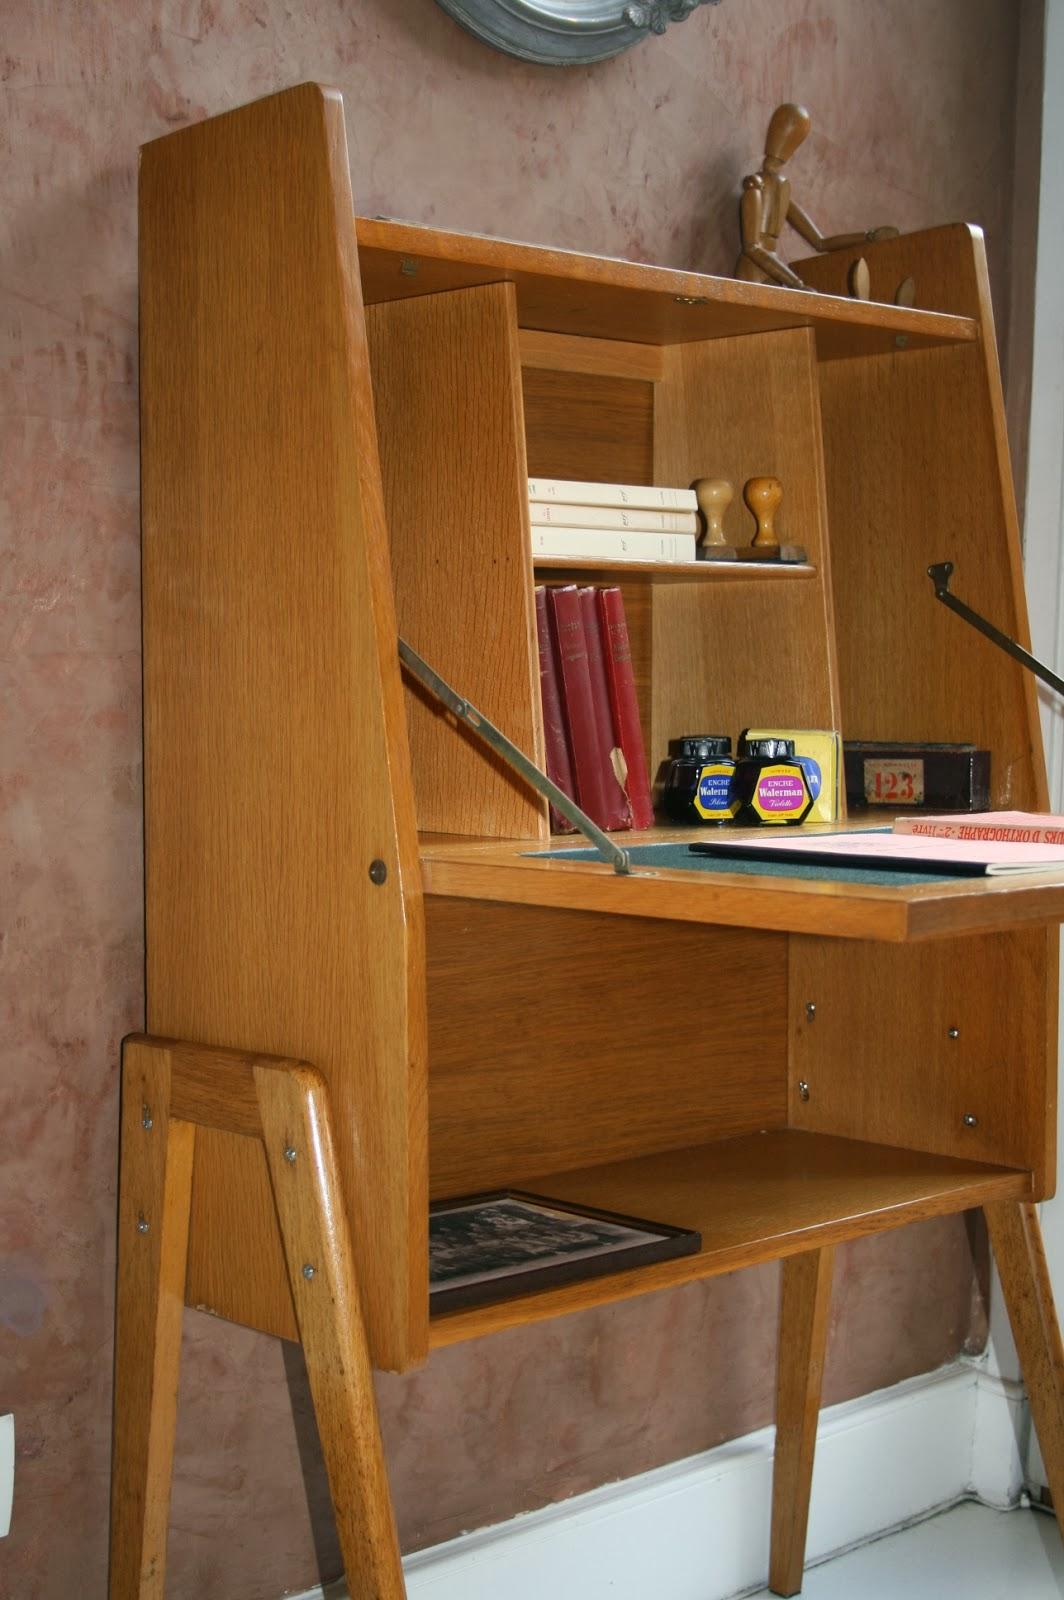 c 39 est la re cr ation vintage scolaire vintage coup de c ur petit secr taire des ann es 50. Black Bedroom Furniture Sets. Home Design Ideas